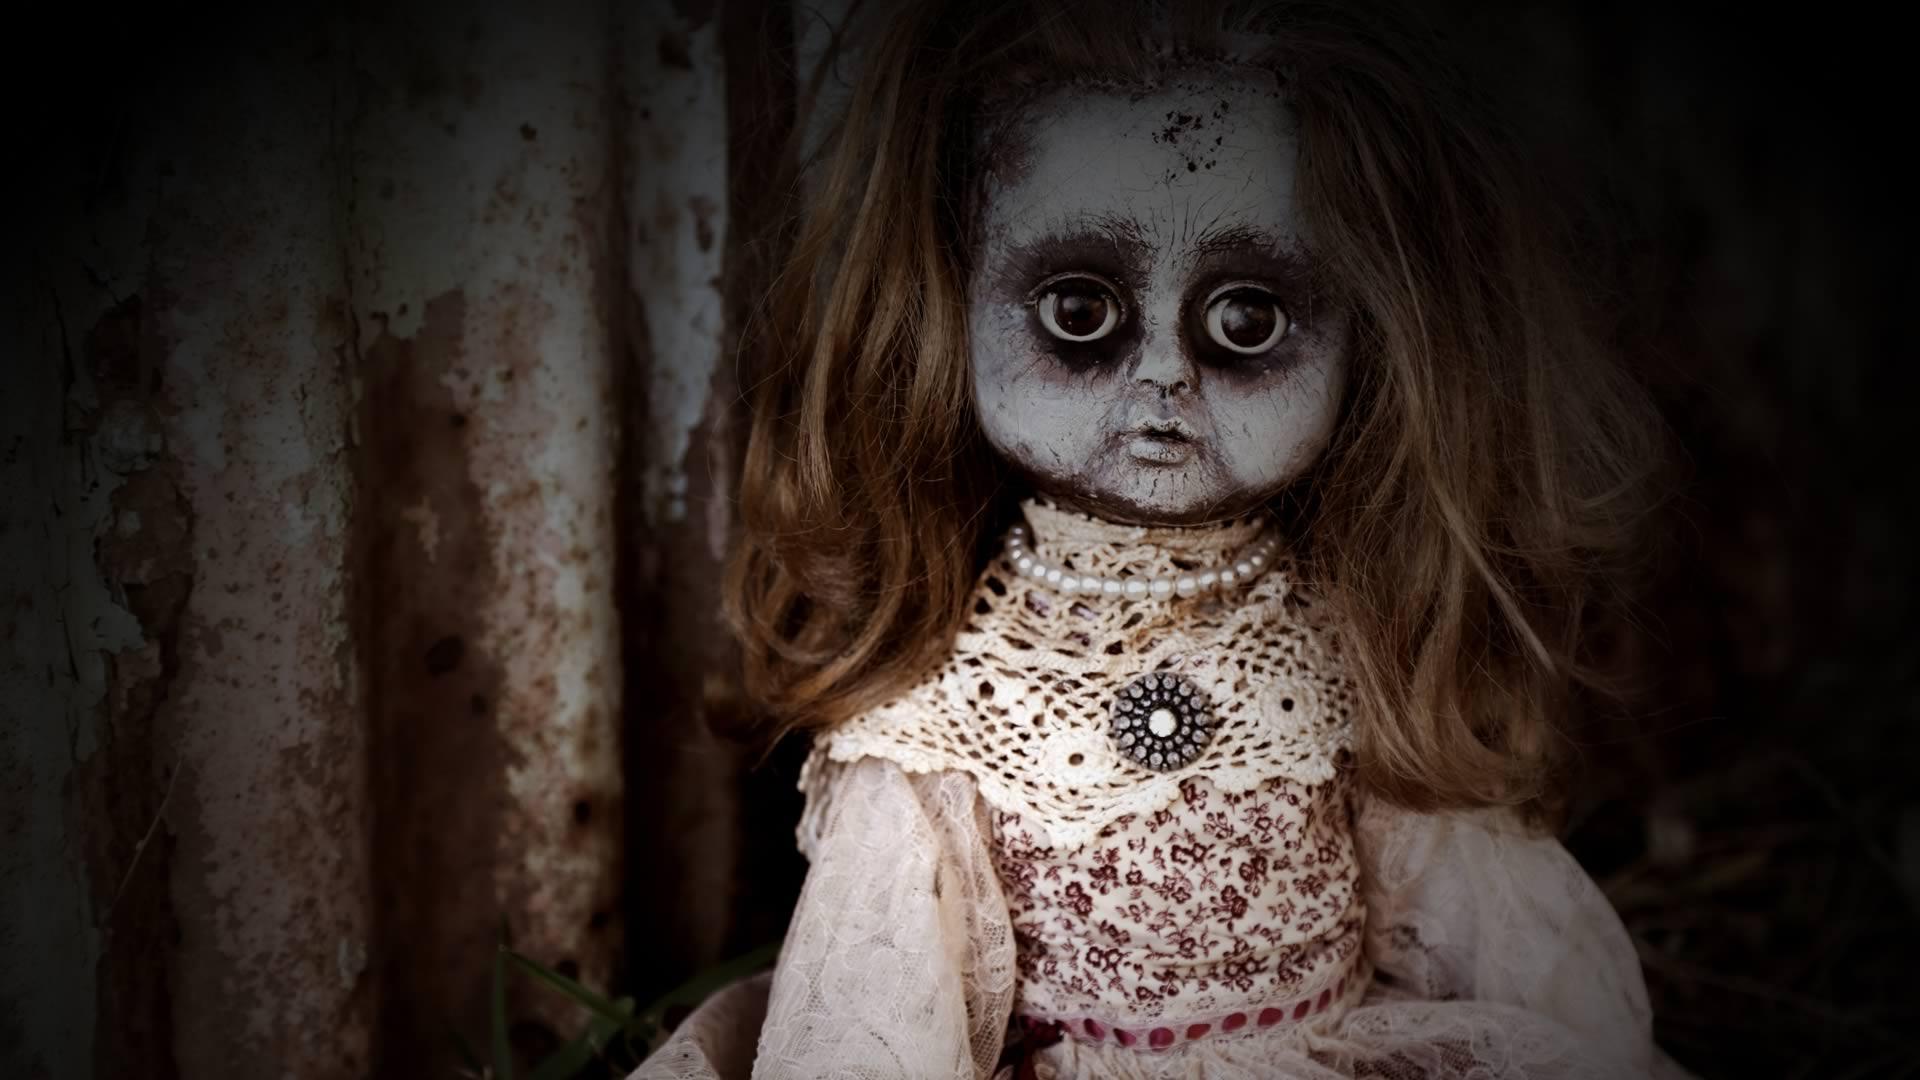 maniac-doll-bg